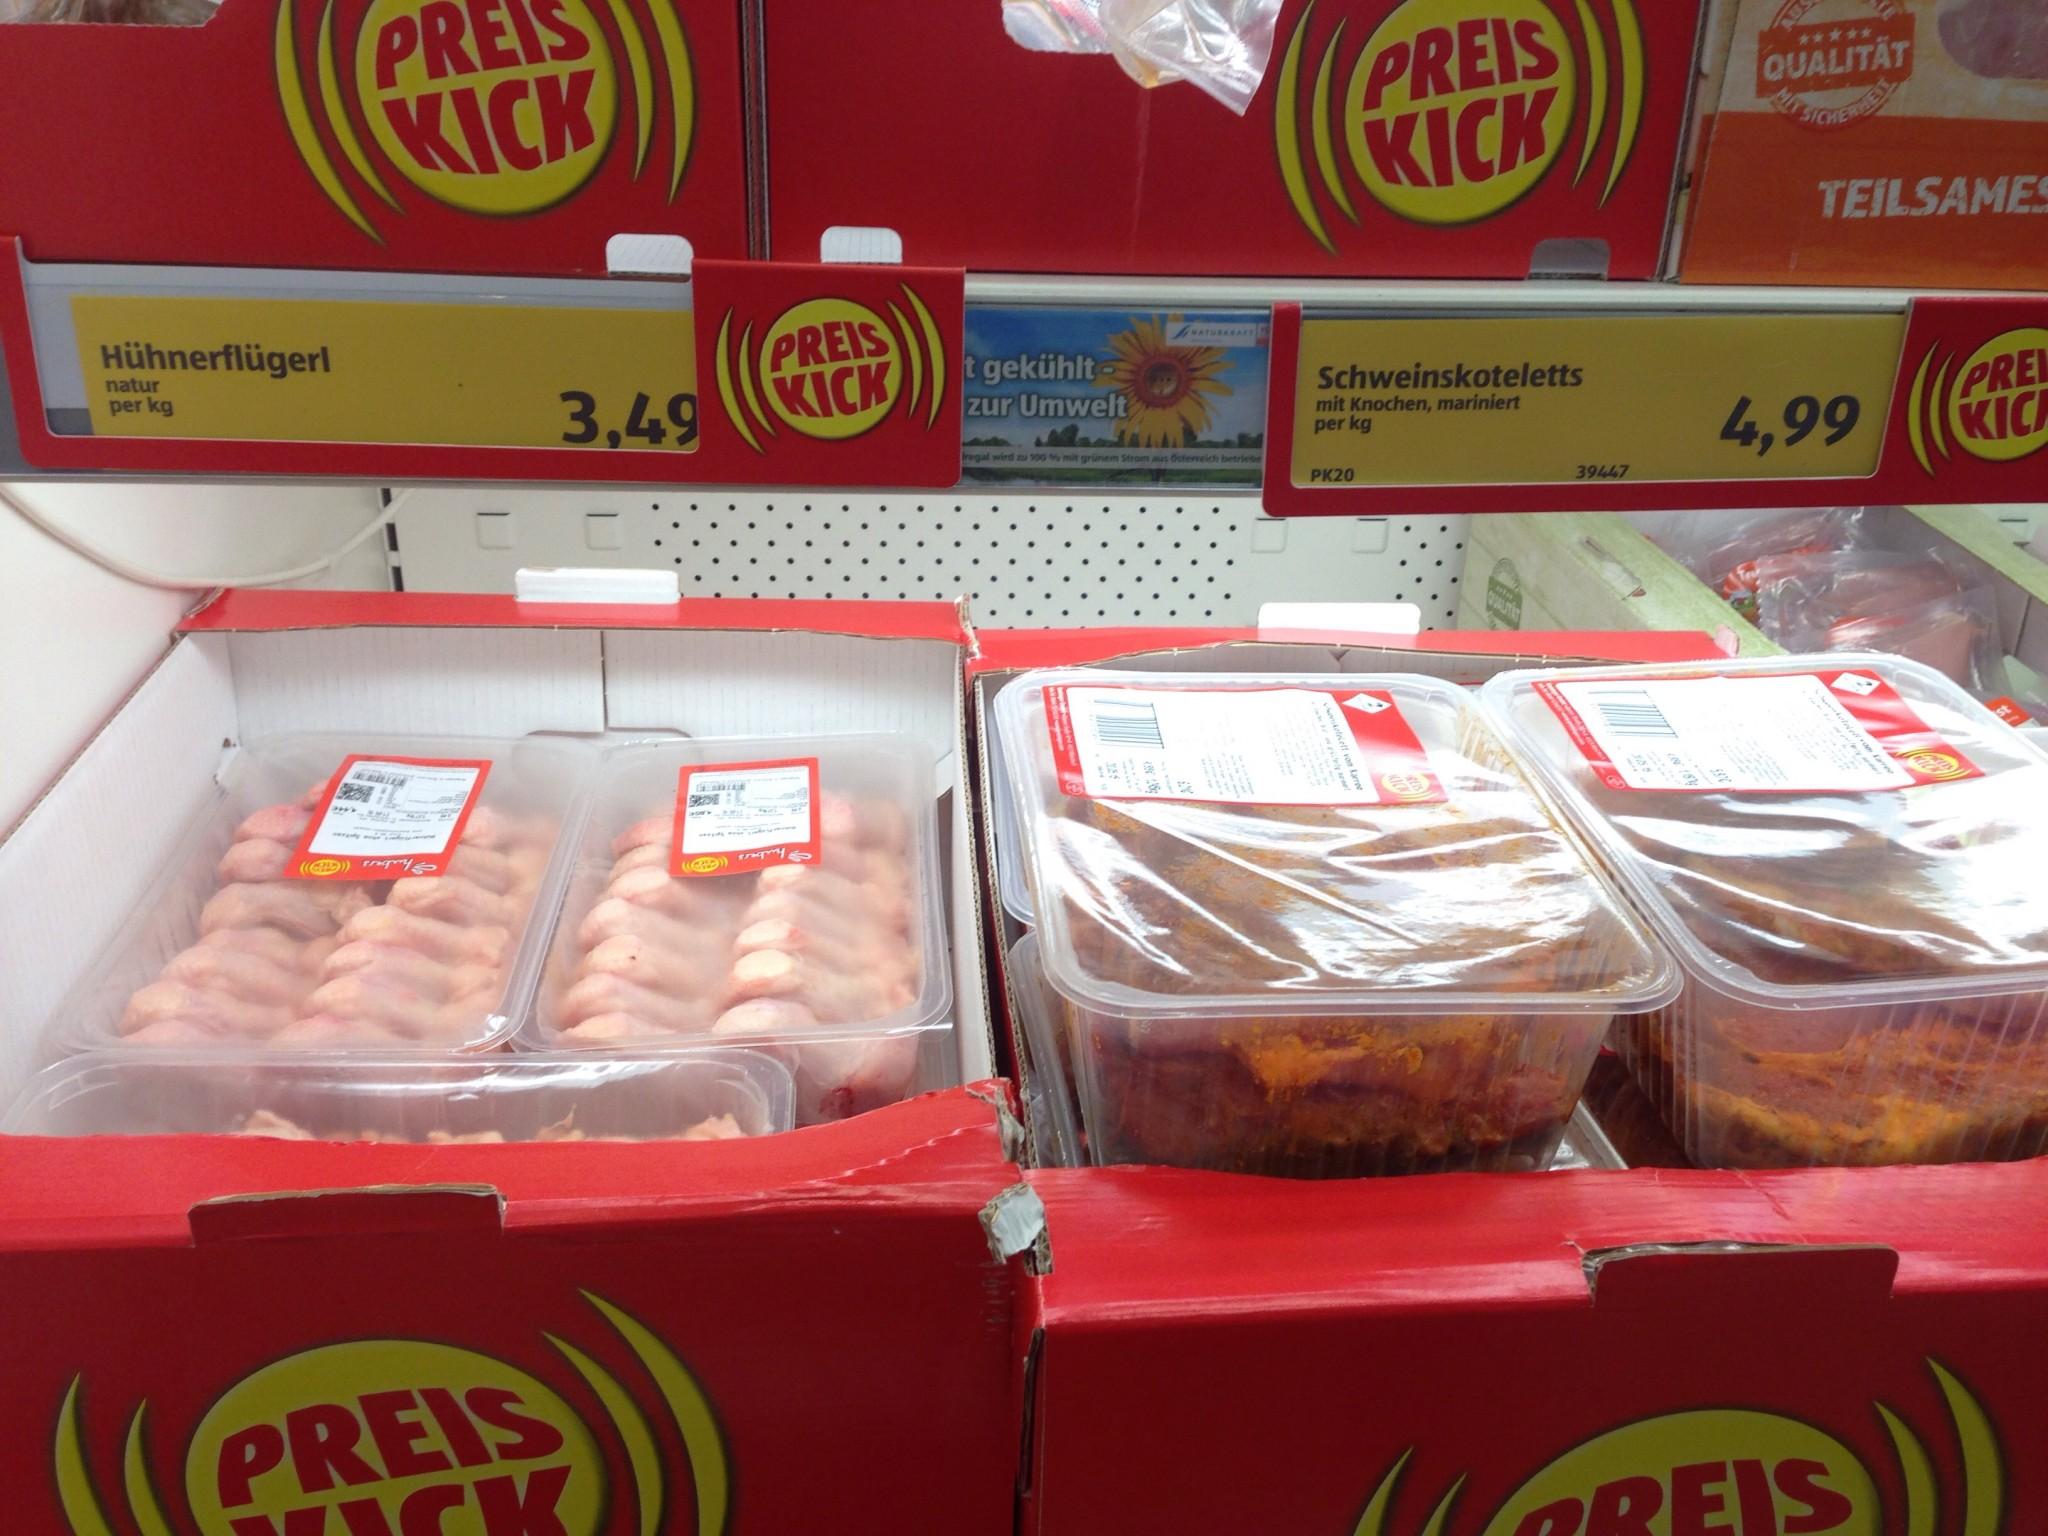 kalbfleisch preis kg